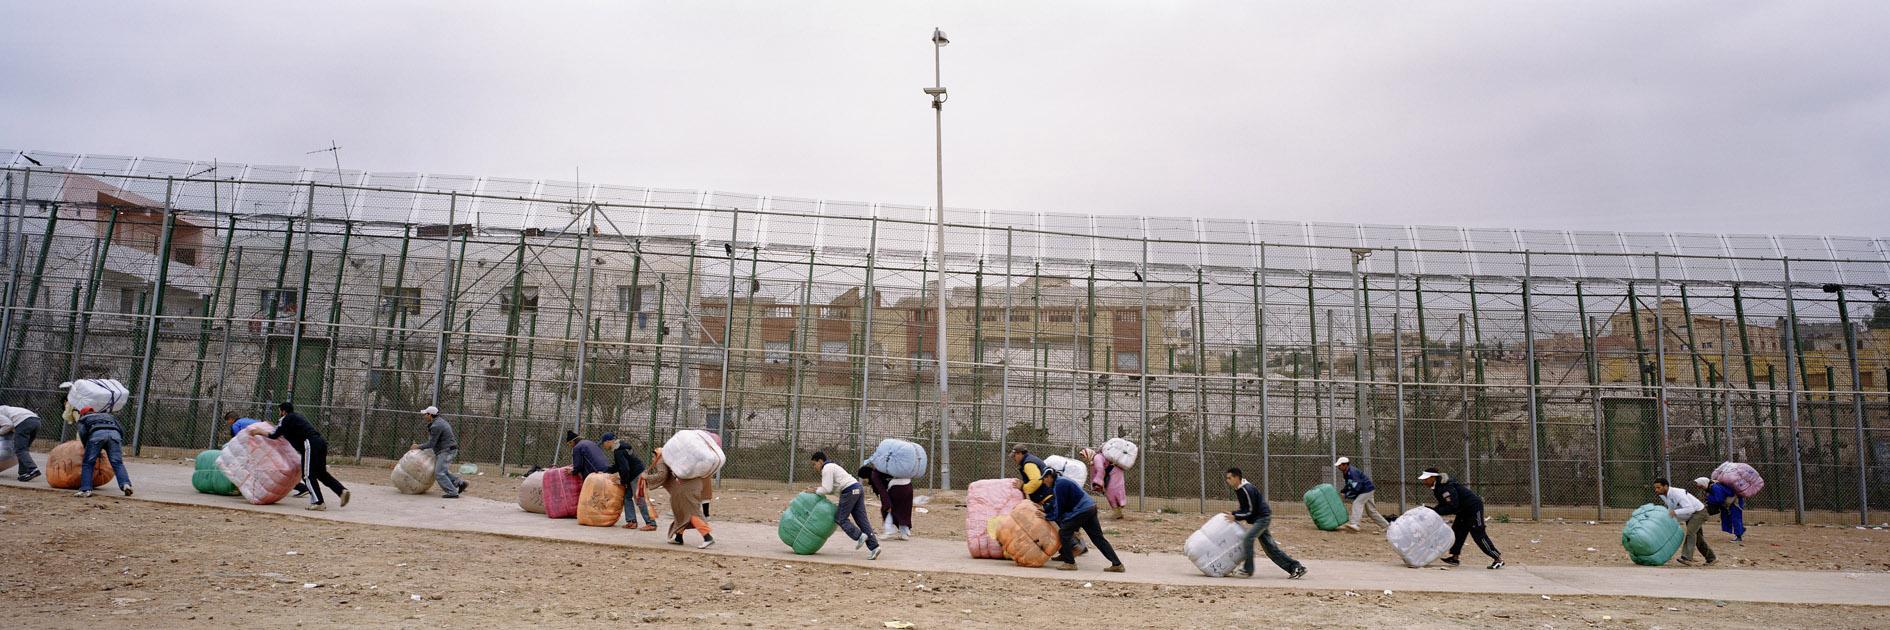 Kai Wiedenhöfer, marroquinos empurrando pacotes de roupas em direção a uma entrada para o Marrocos a partir do enclave de Mellila, Espanha, 2009.